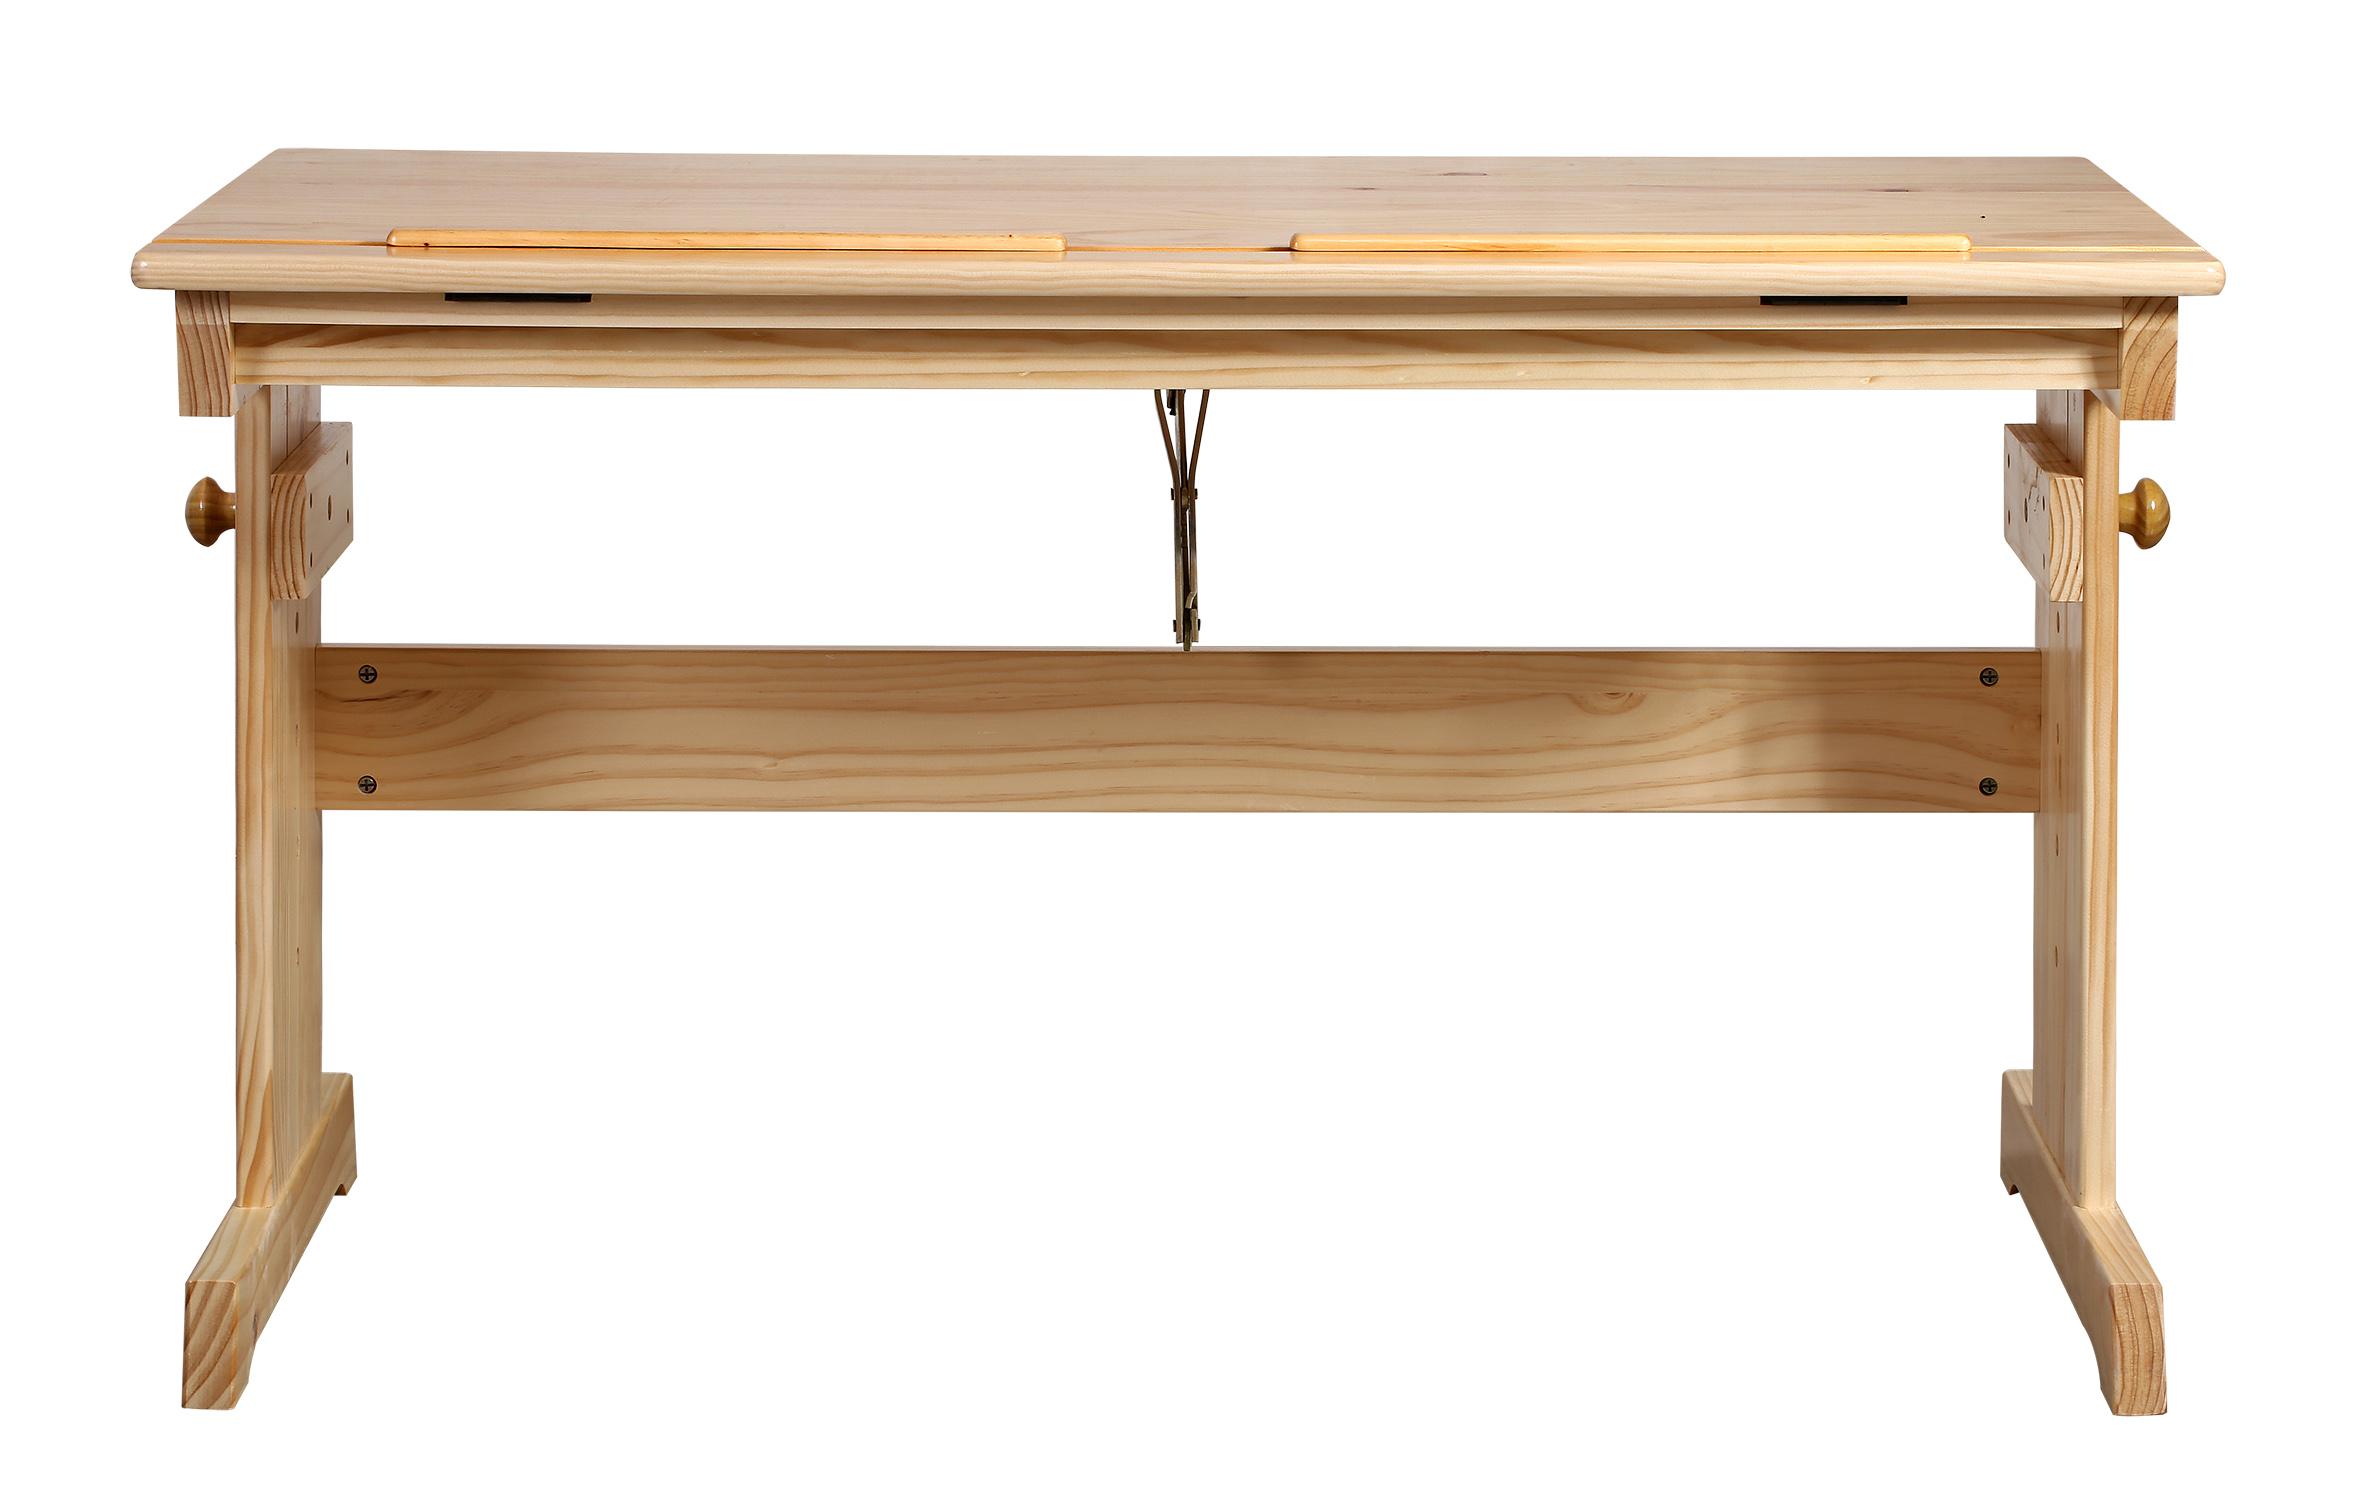 bureau pour enfant en bois de pin massif naturelle rd00177. Black Bedroom Furniture Sets. Home Design Ideas